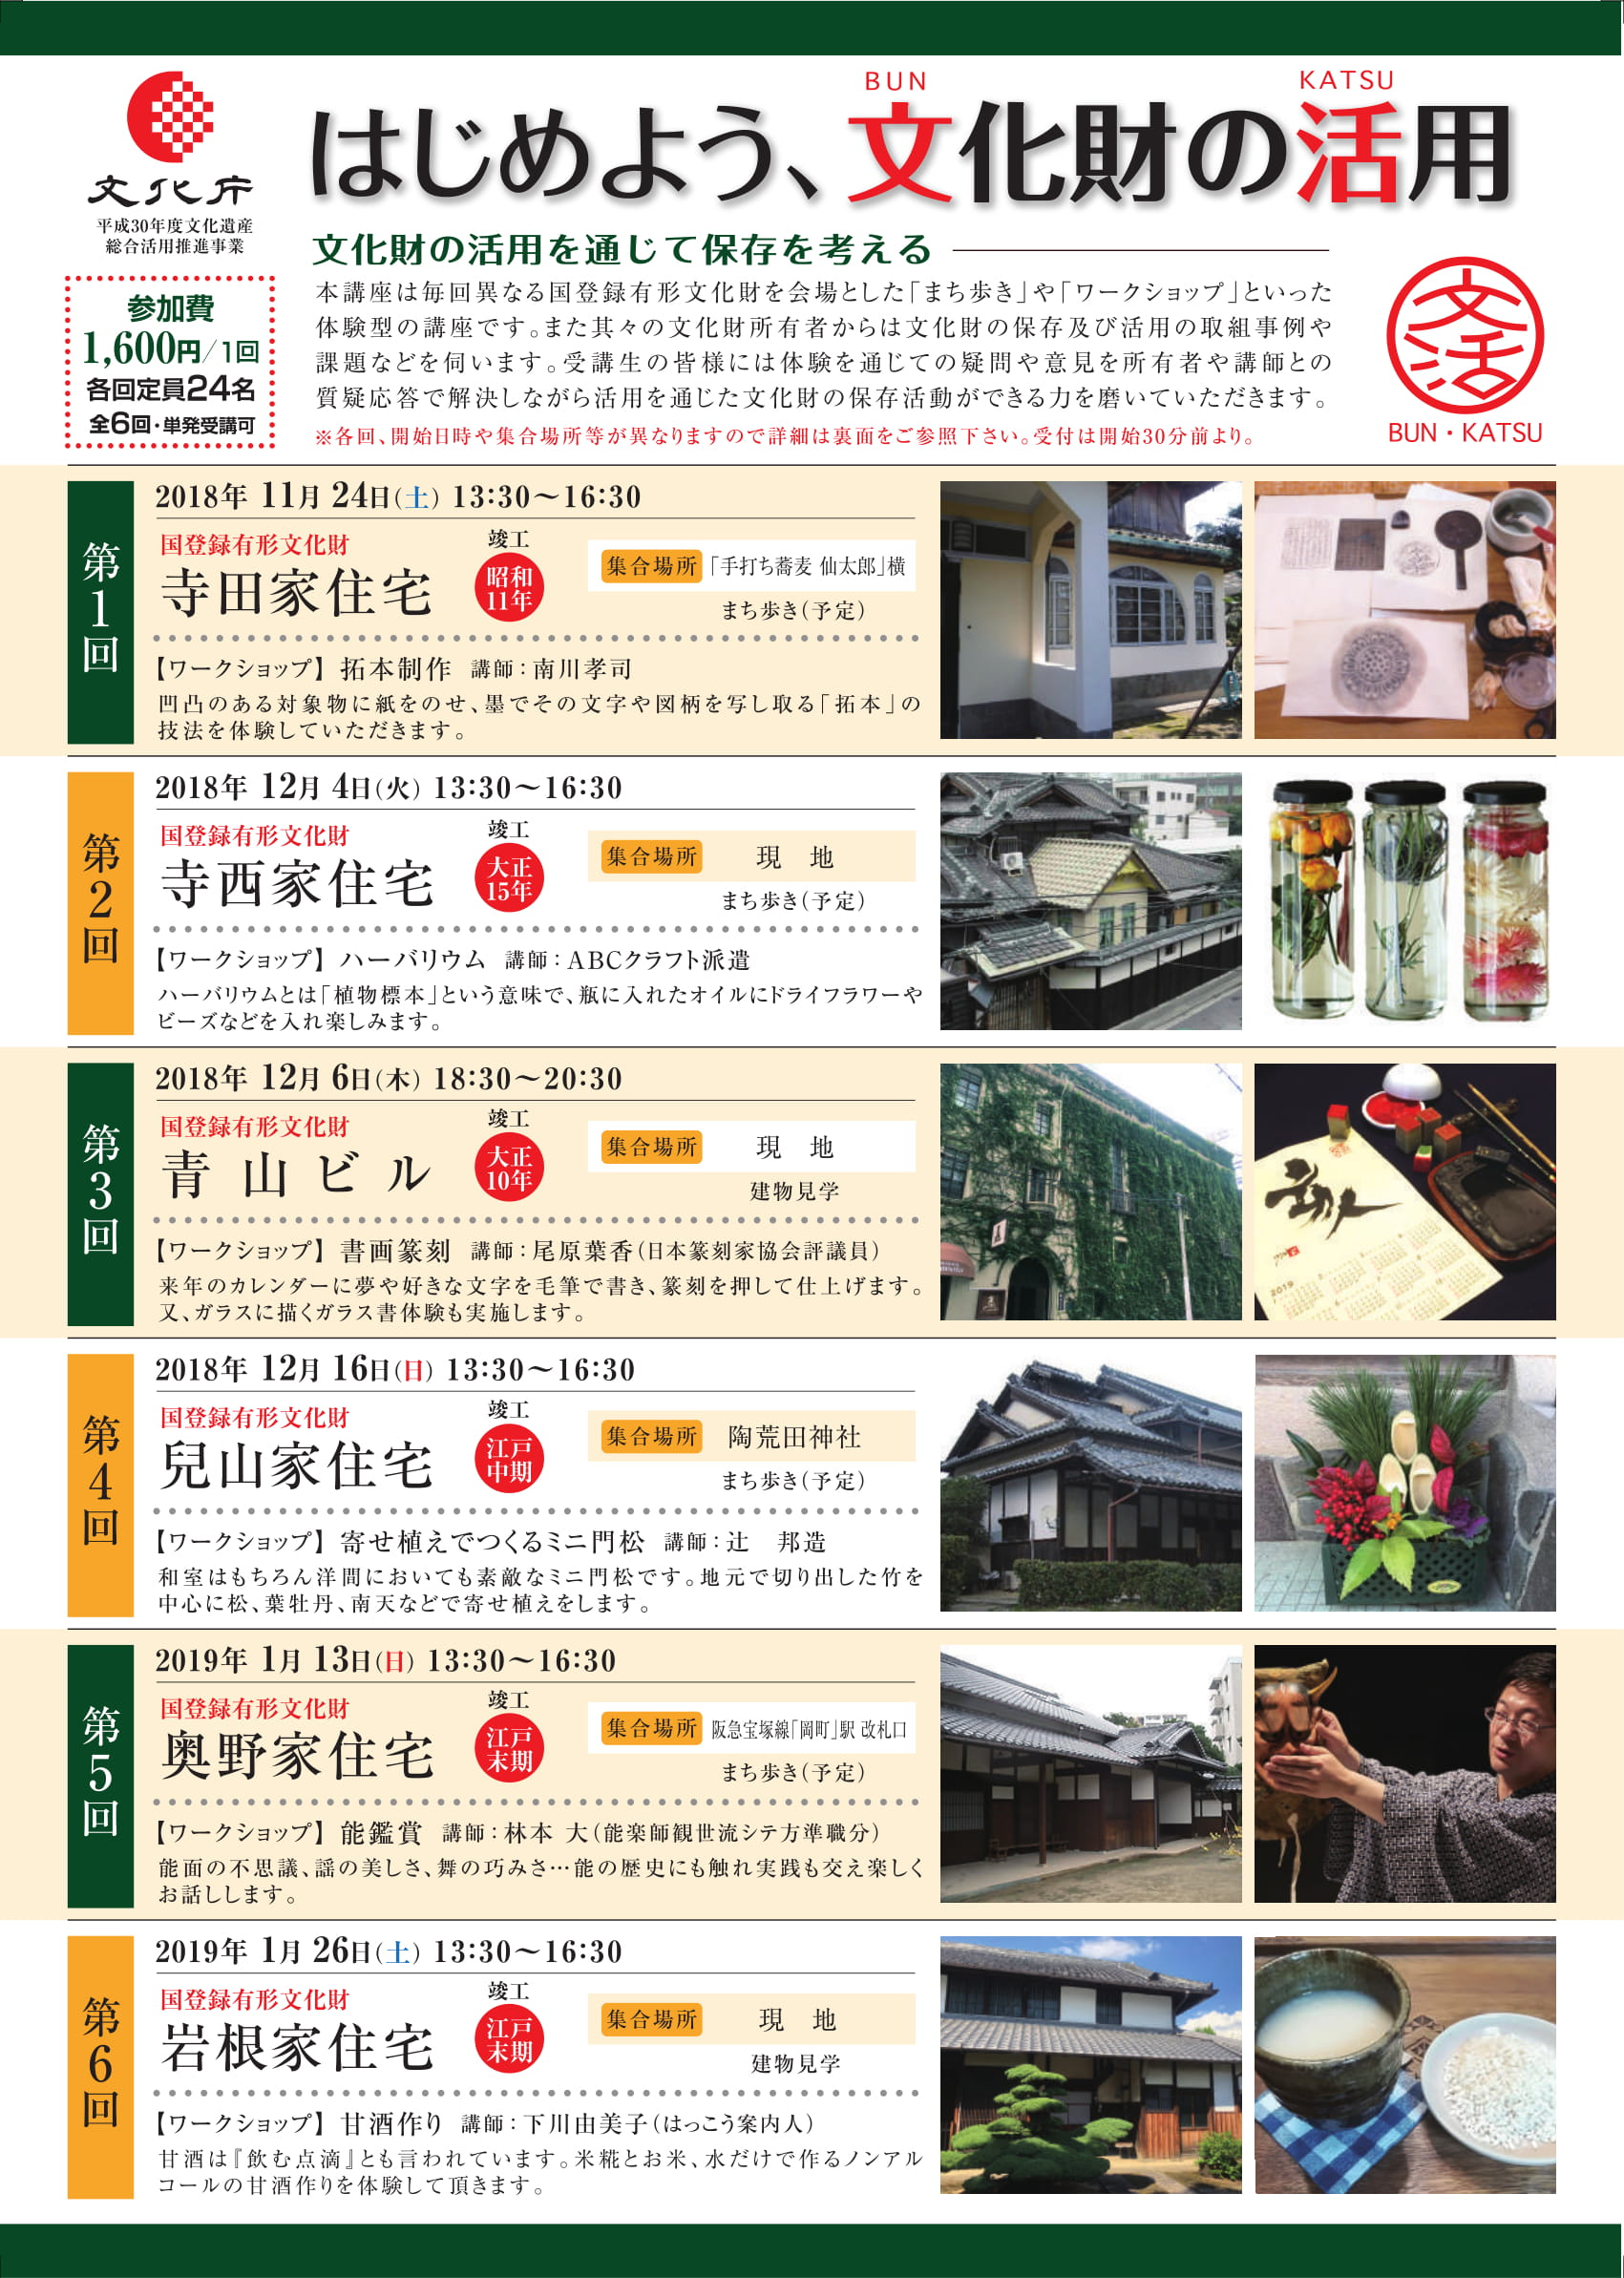 「はじめよう、文化財の活用(BUNKATSU)~文化財の活用を通じて保存を考える」平成31年1月13日(日)